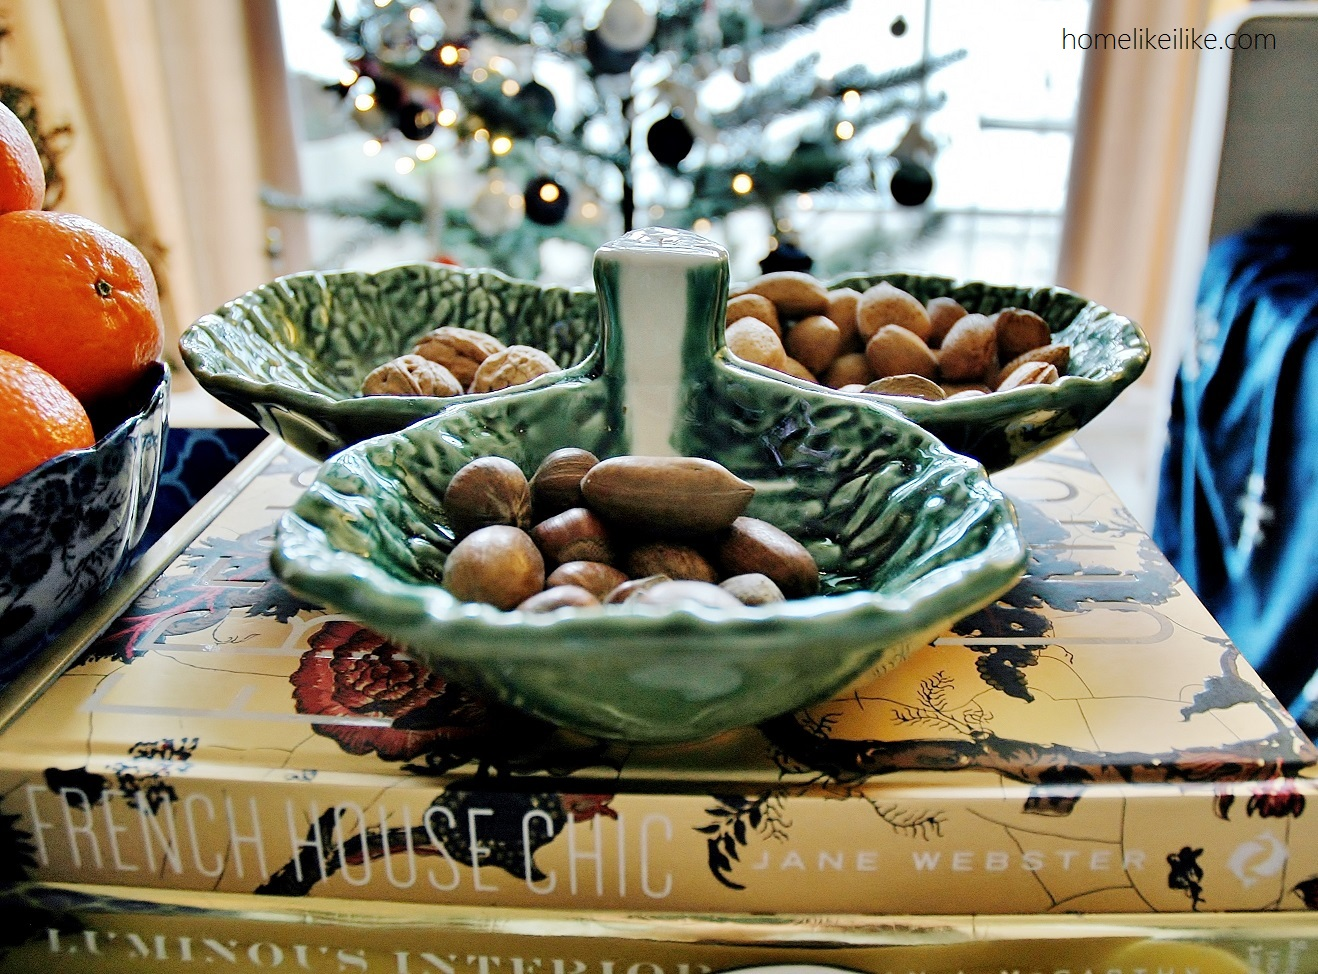 christmas - homelikeilike.com